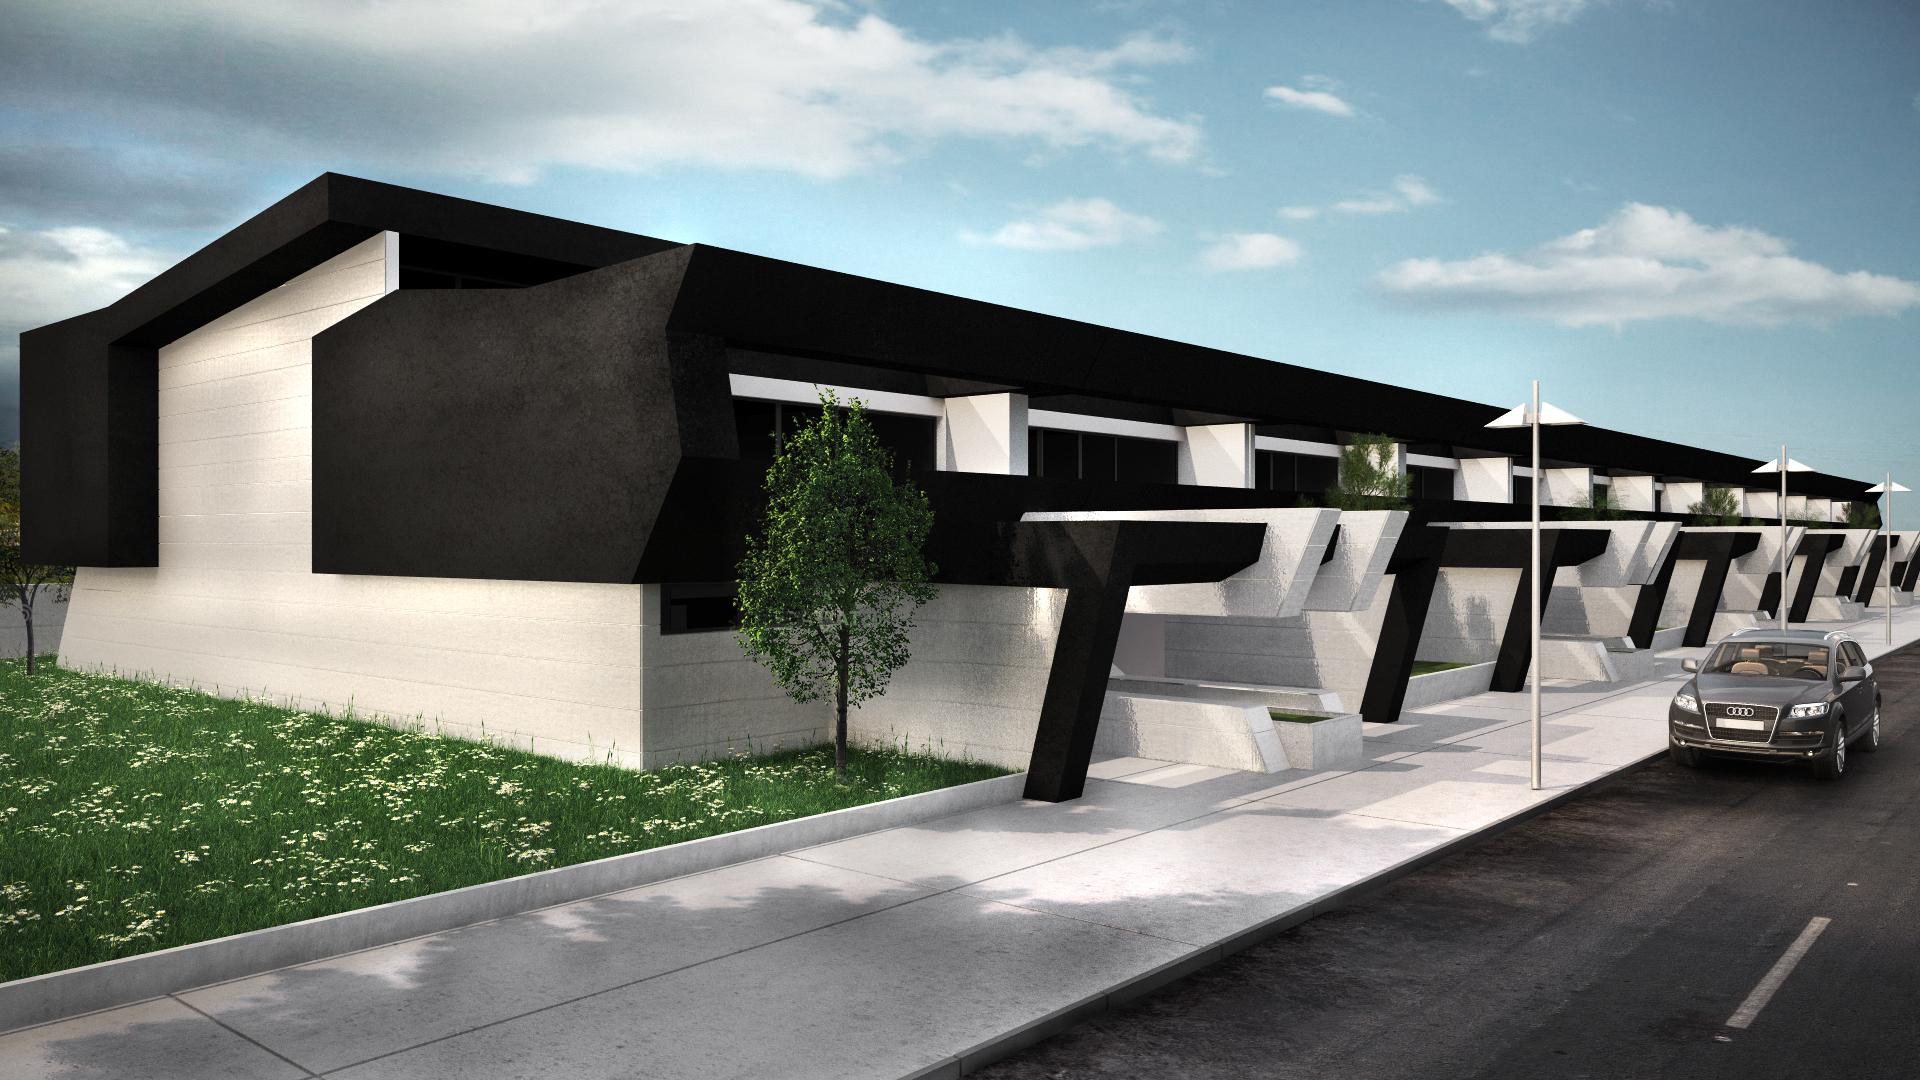 Dise o de viviendas adosadas en madrid - Diseno de viviendas ...